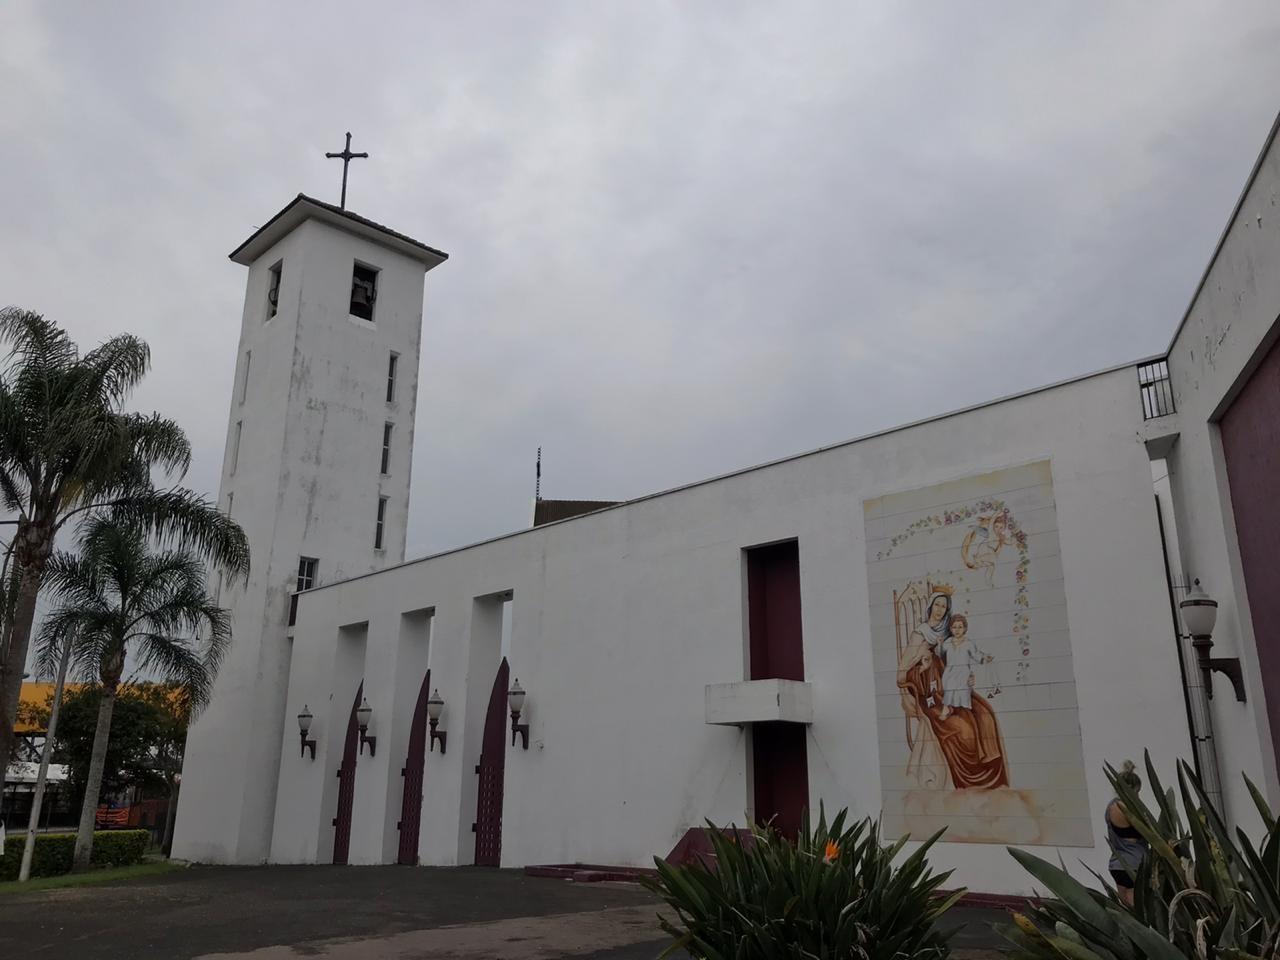 Sinos das igrejas católicas de Curitiba tocam juntos para celebrar os 327 anos da cidade